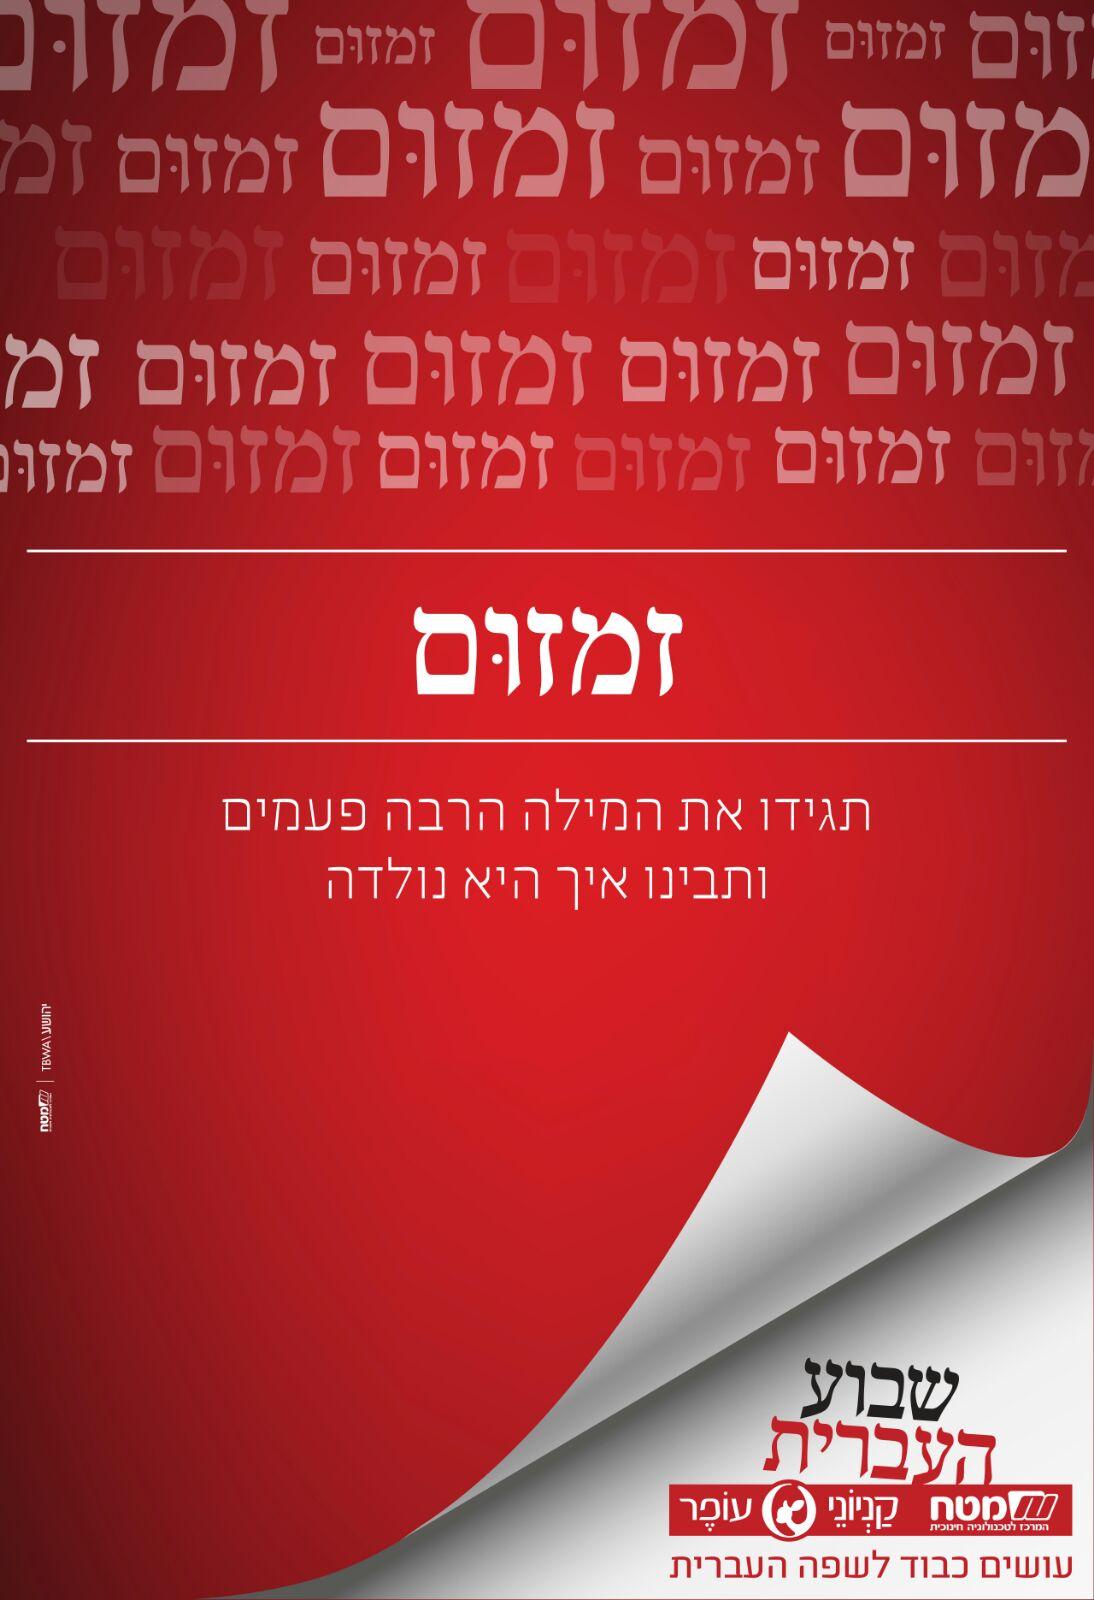 מסע פרסומי המציג את הצדדים המשעשעים של השפה העברית 12